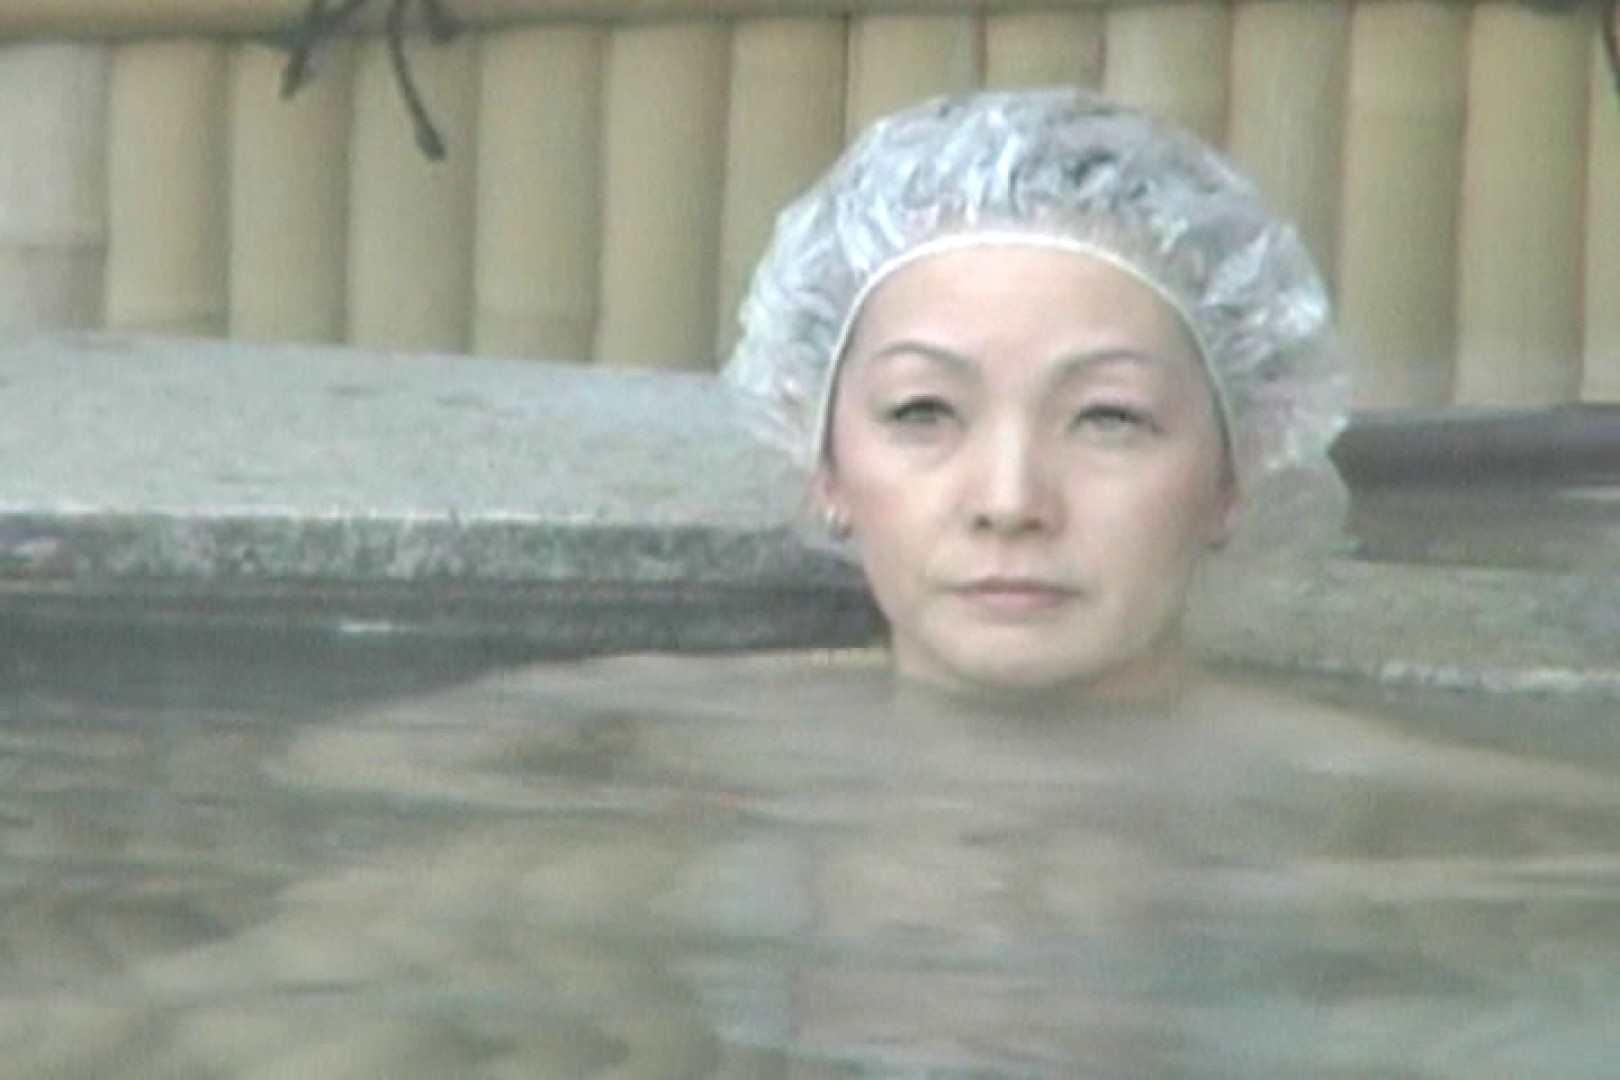 Aquaな露天風呂Vol.592 盗撮師作品 | 美しいOLの裸体  91pic 91